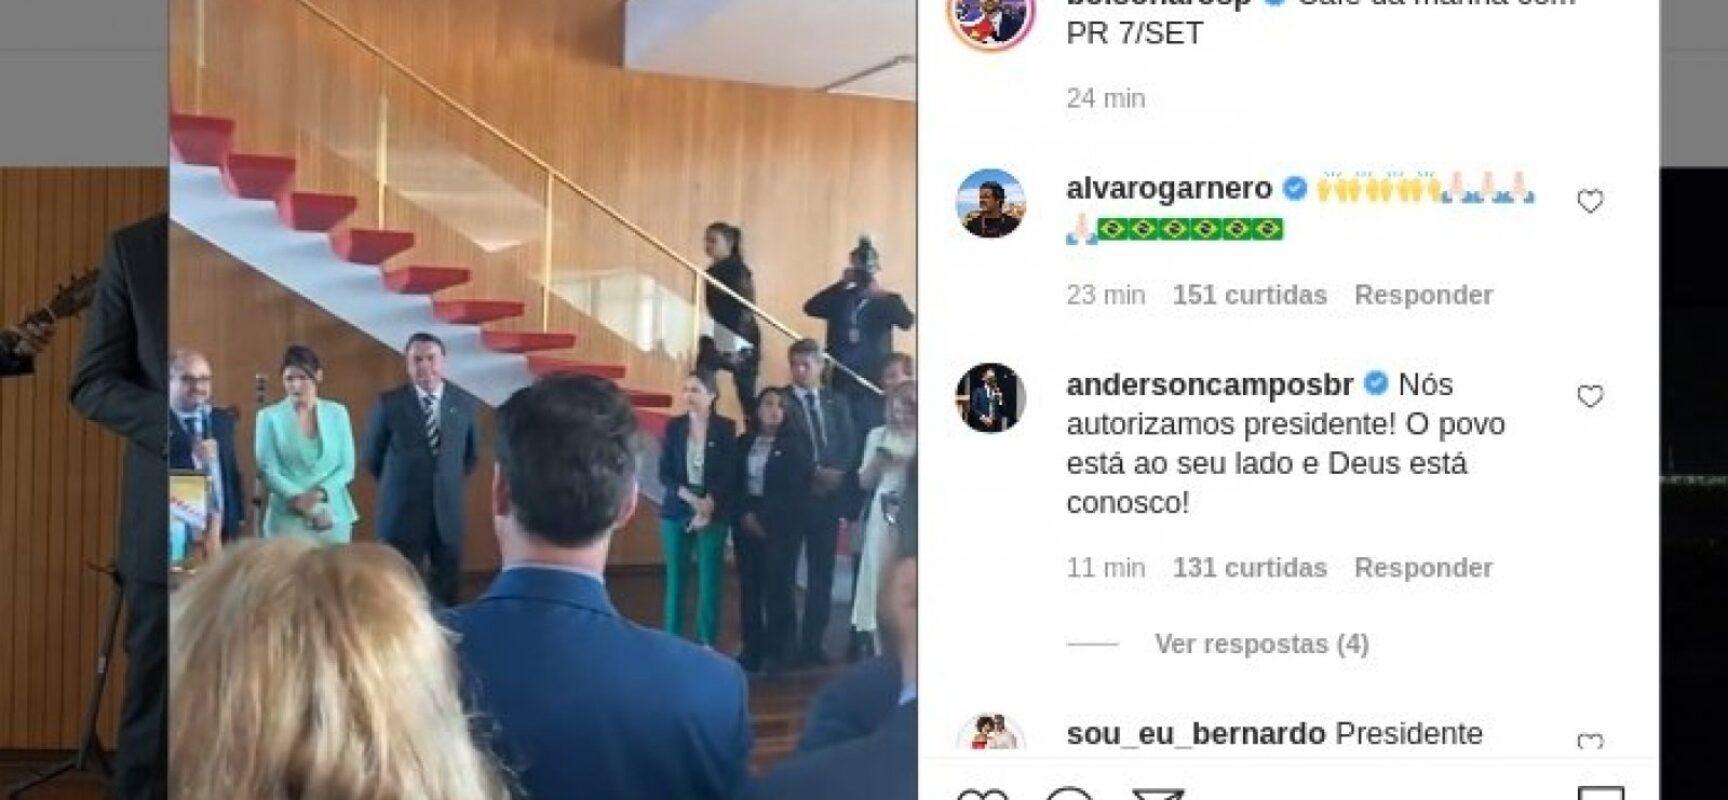 Durante café da manhã, Bolsonaro volta a atacar ministros do STF sem citar nomes